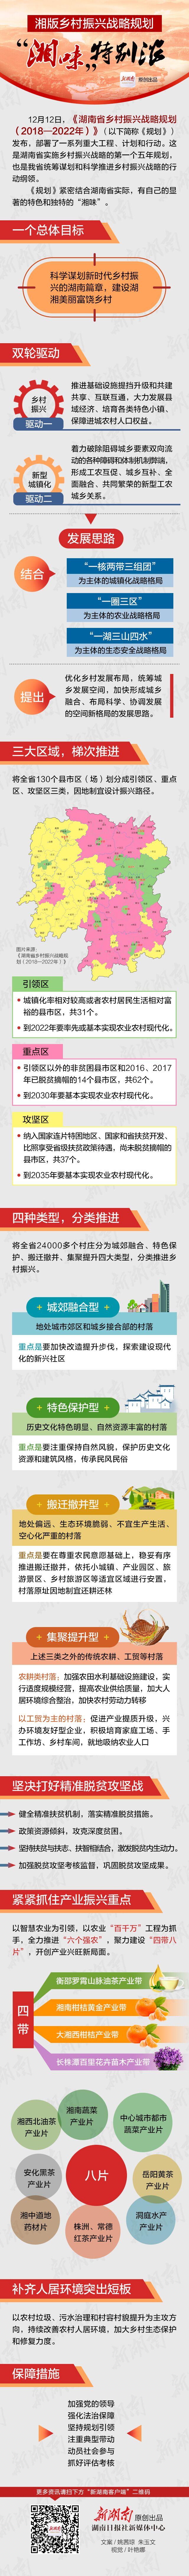 """一图读懂丨湘版乡村振兴战略规划,""""湘味""""特别浓"""